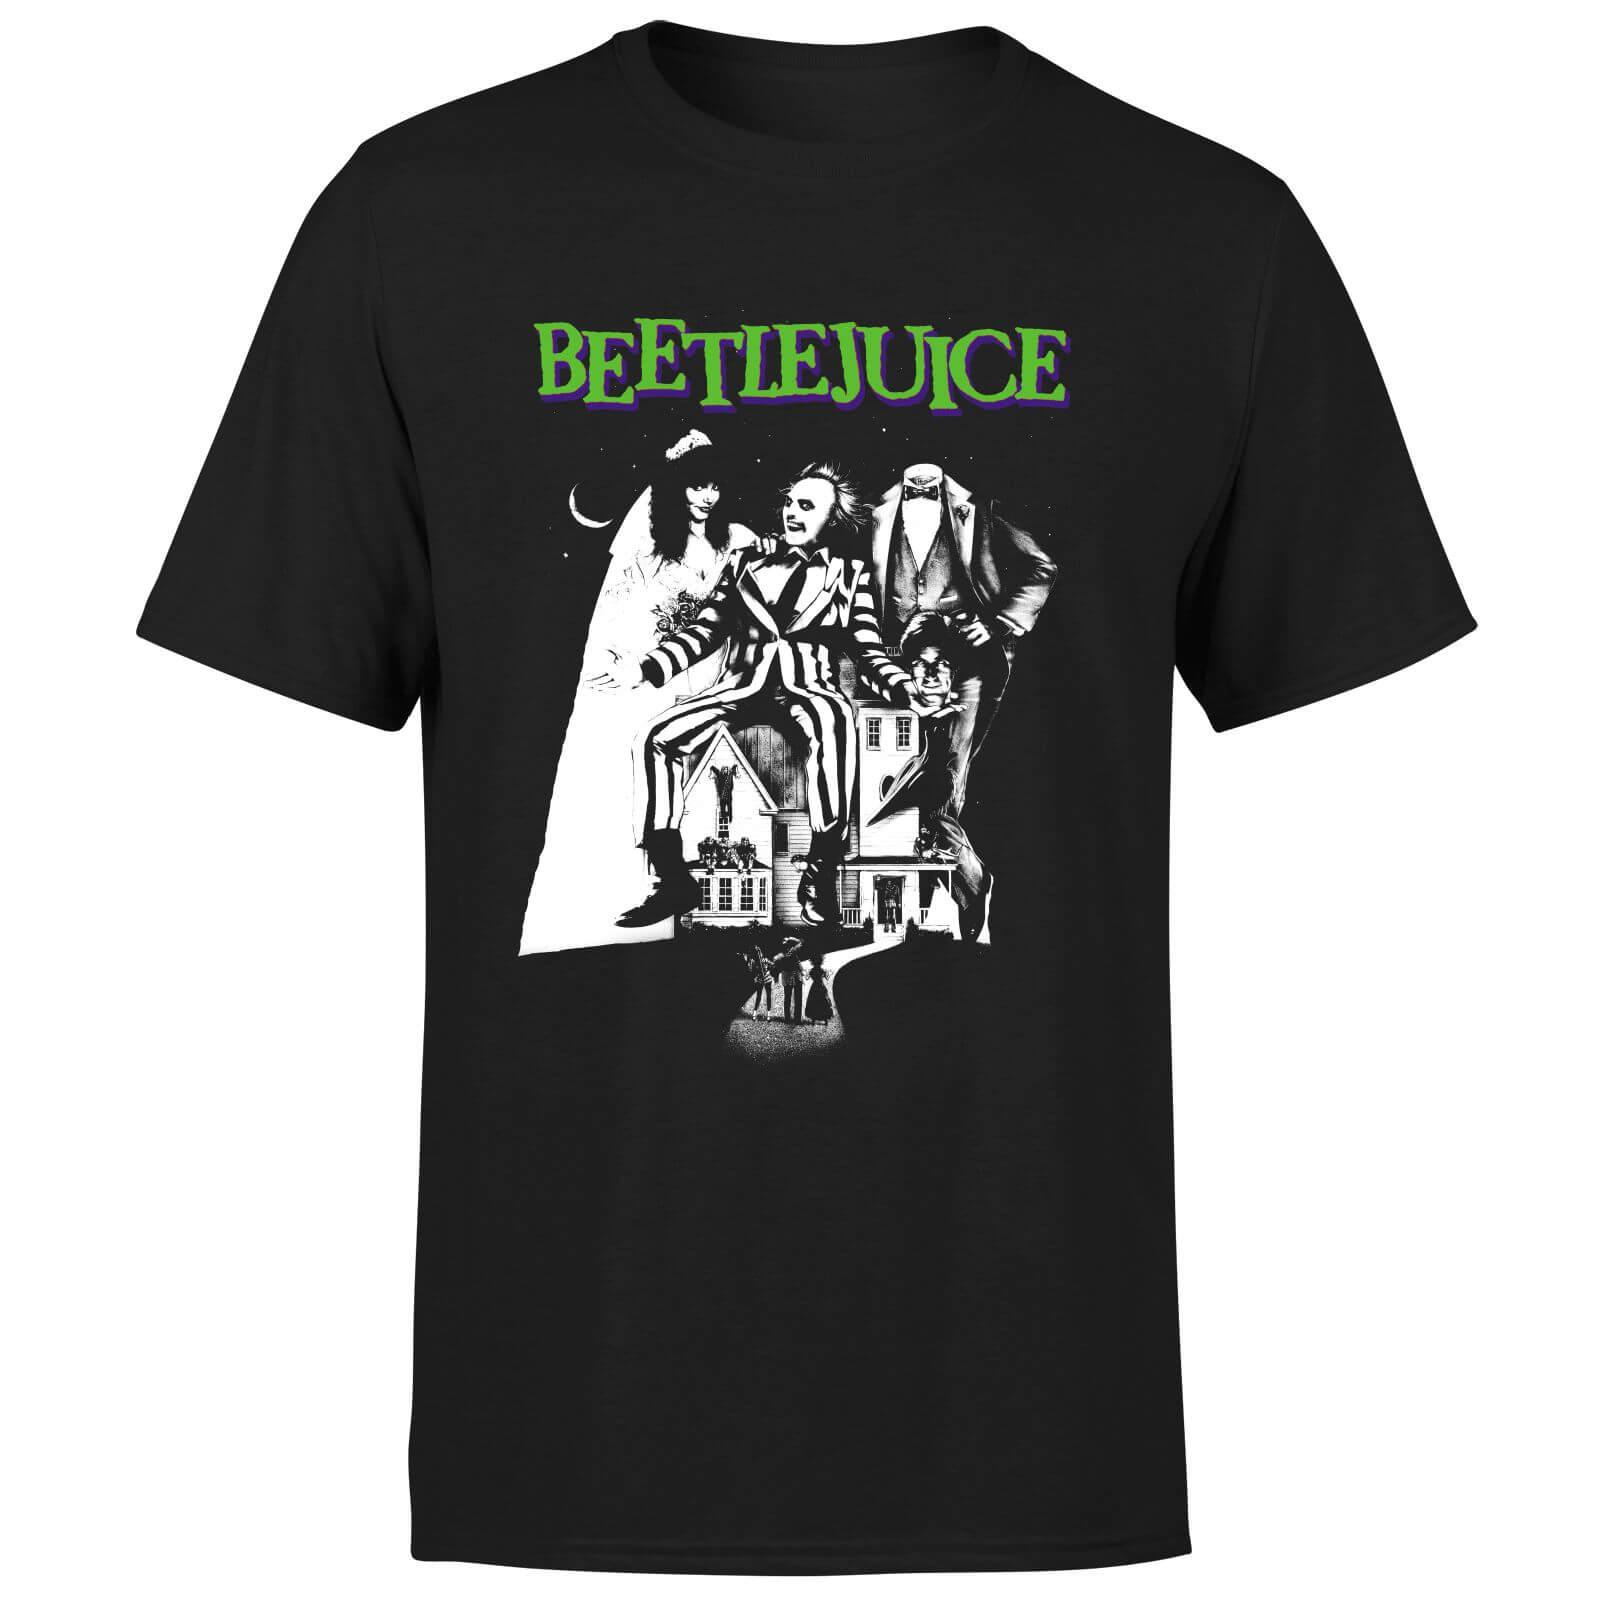 Beetlejuice T-Shirt Homme Affiche Mono Beetlejuice - Noir - S - Noir